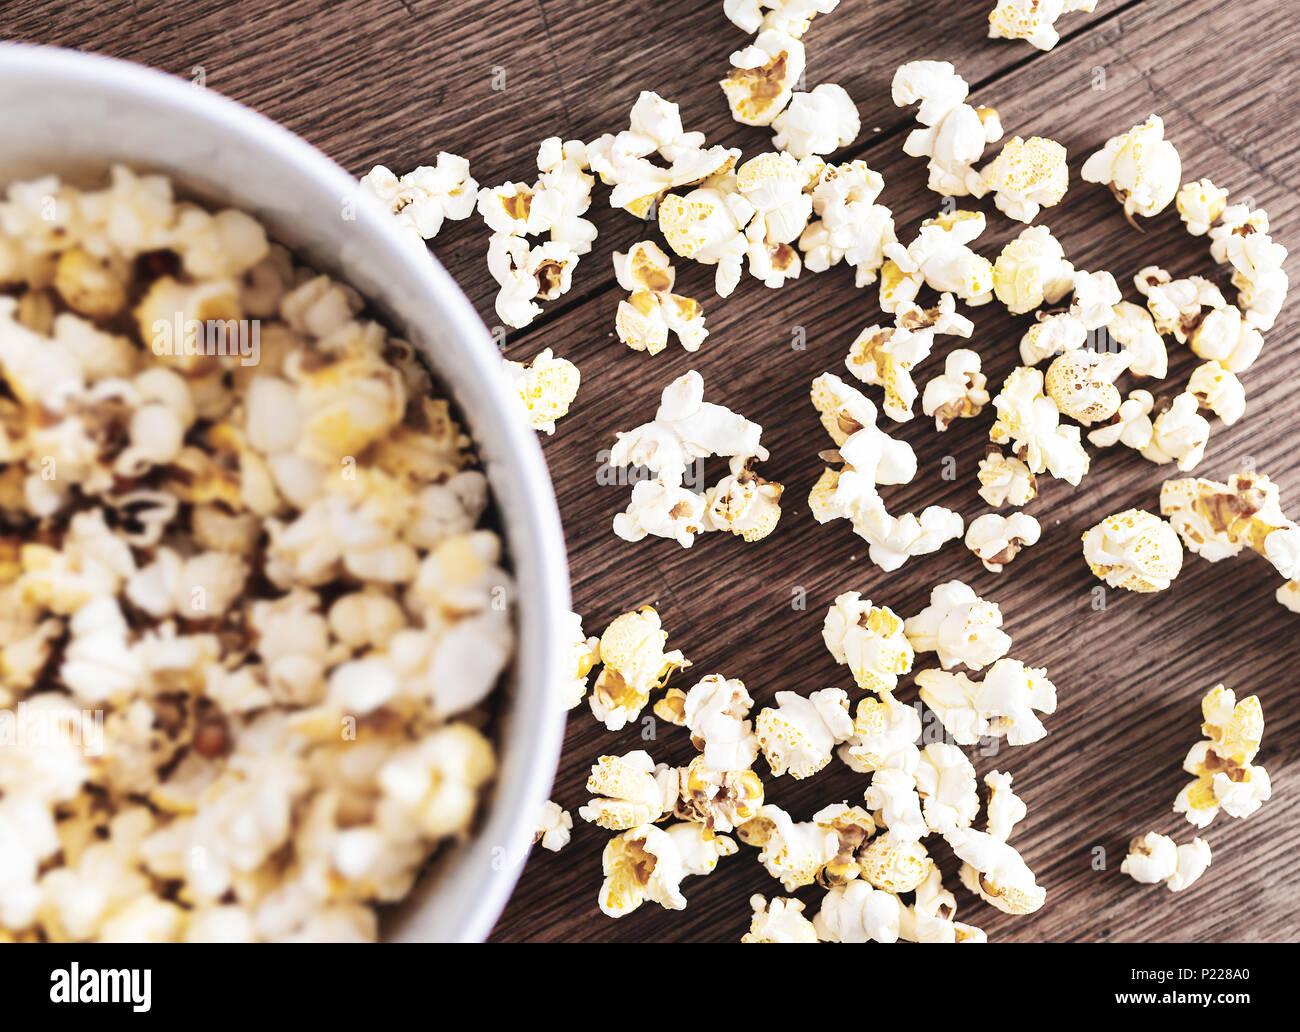 Directement au-dessus de close-up de bol rempli avec du popcorn sur table en bois rustique Photo Stock